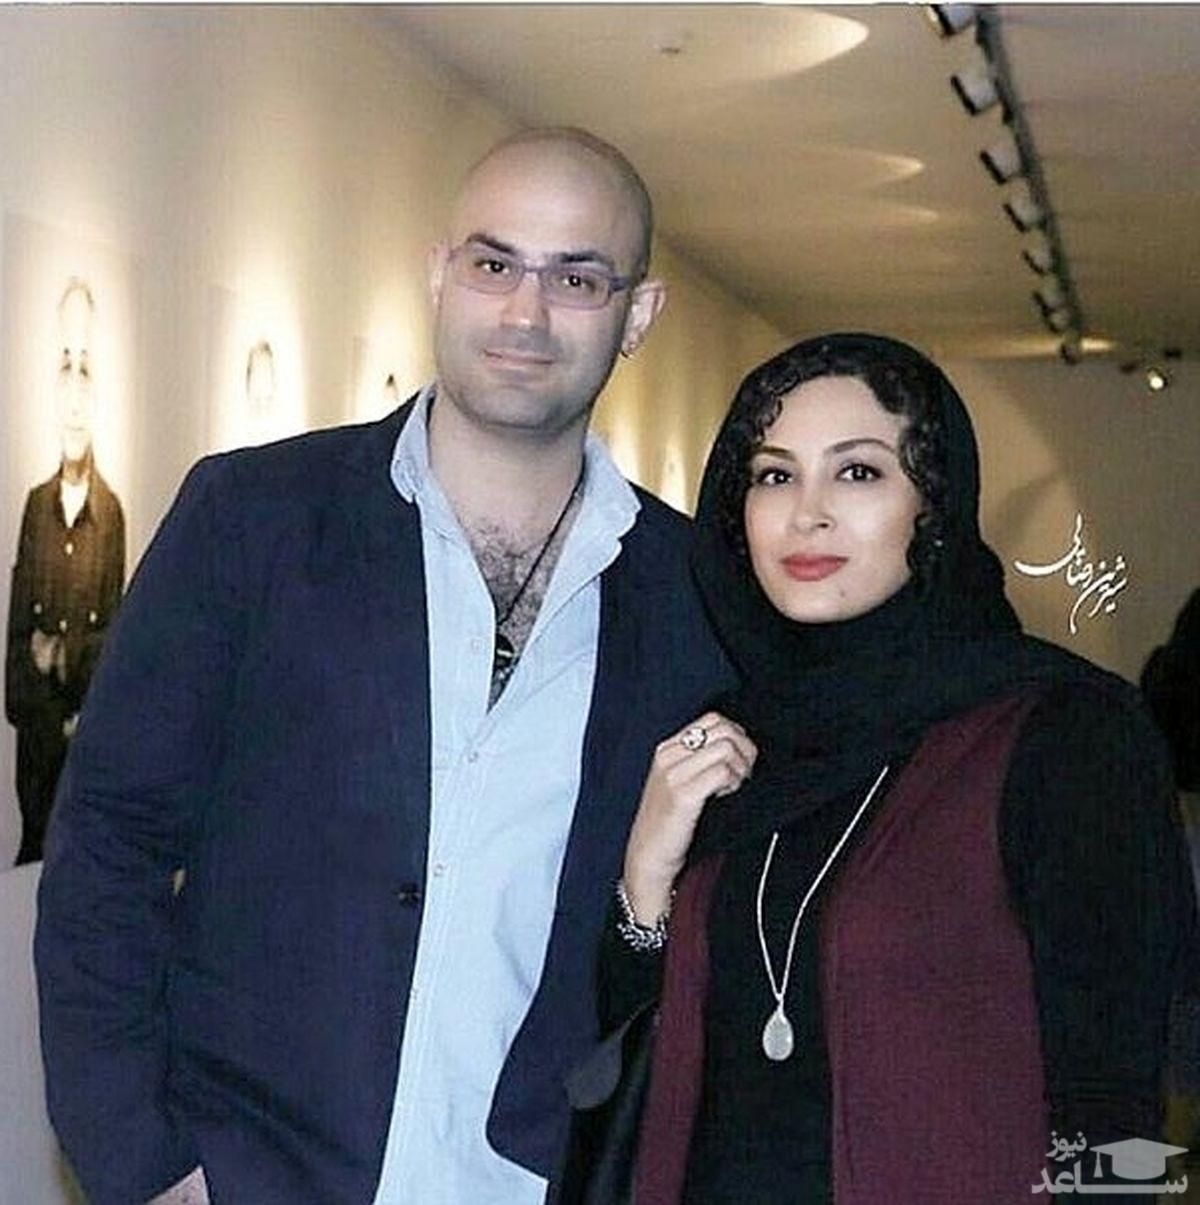 واکنش جنجالی حدیثه تهرانی و همسرش به مهاجرت مهراد جم